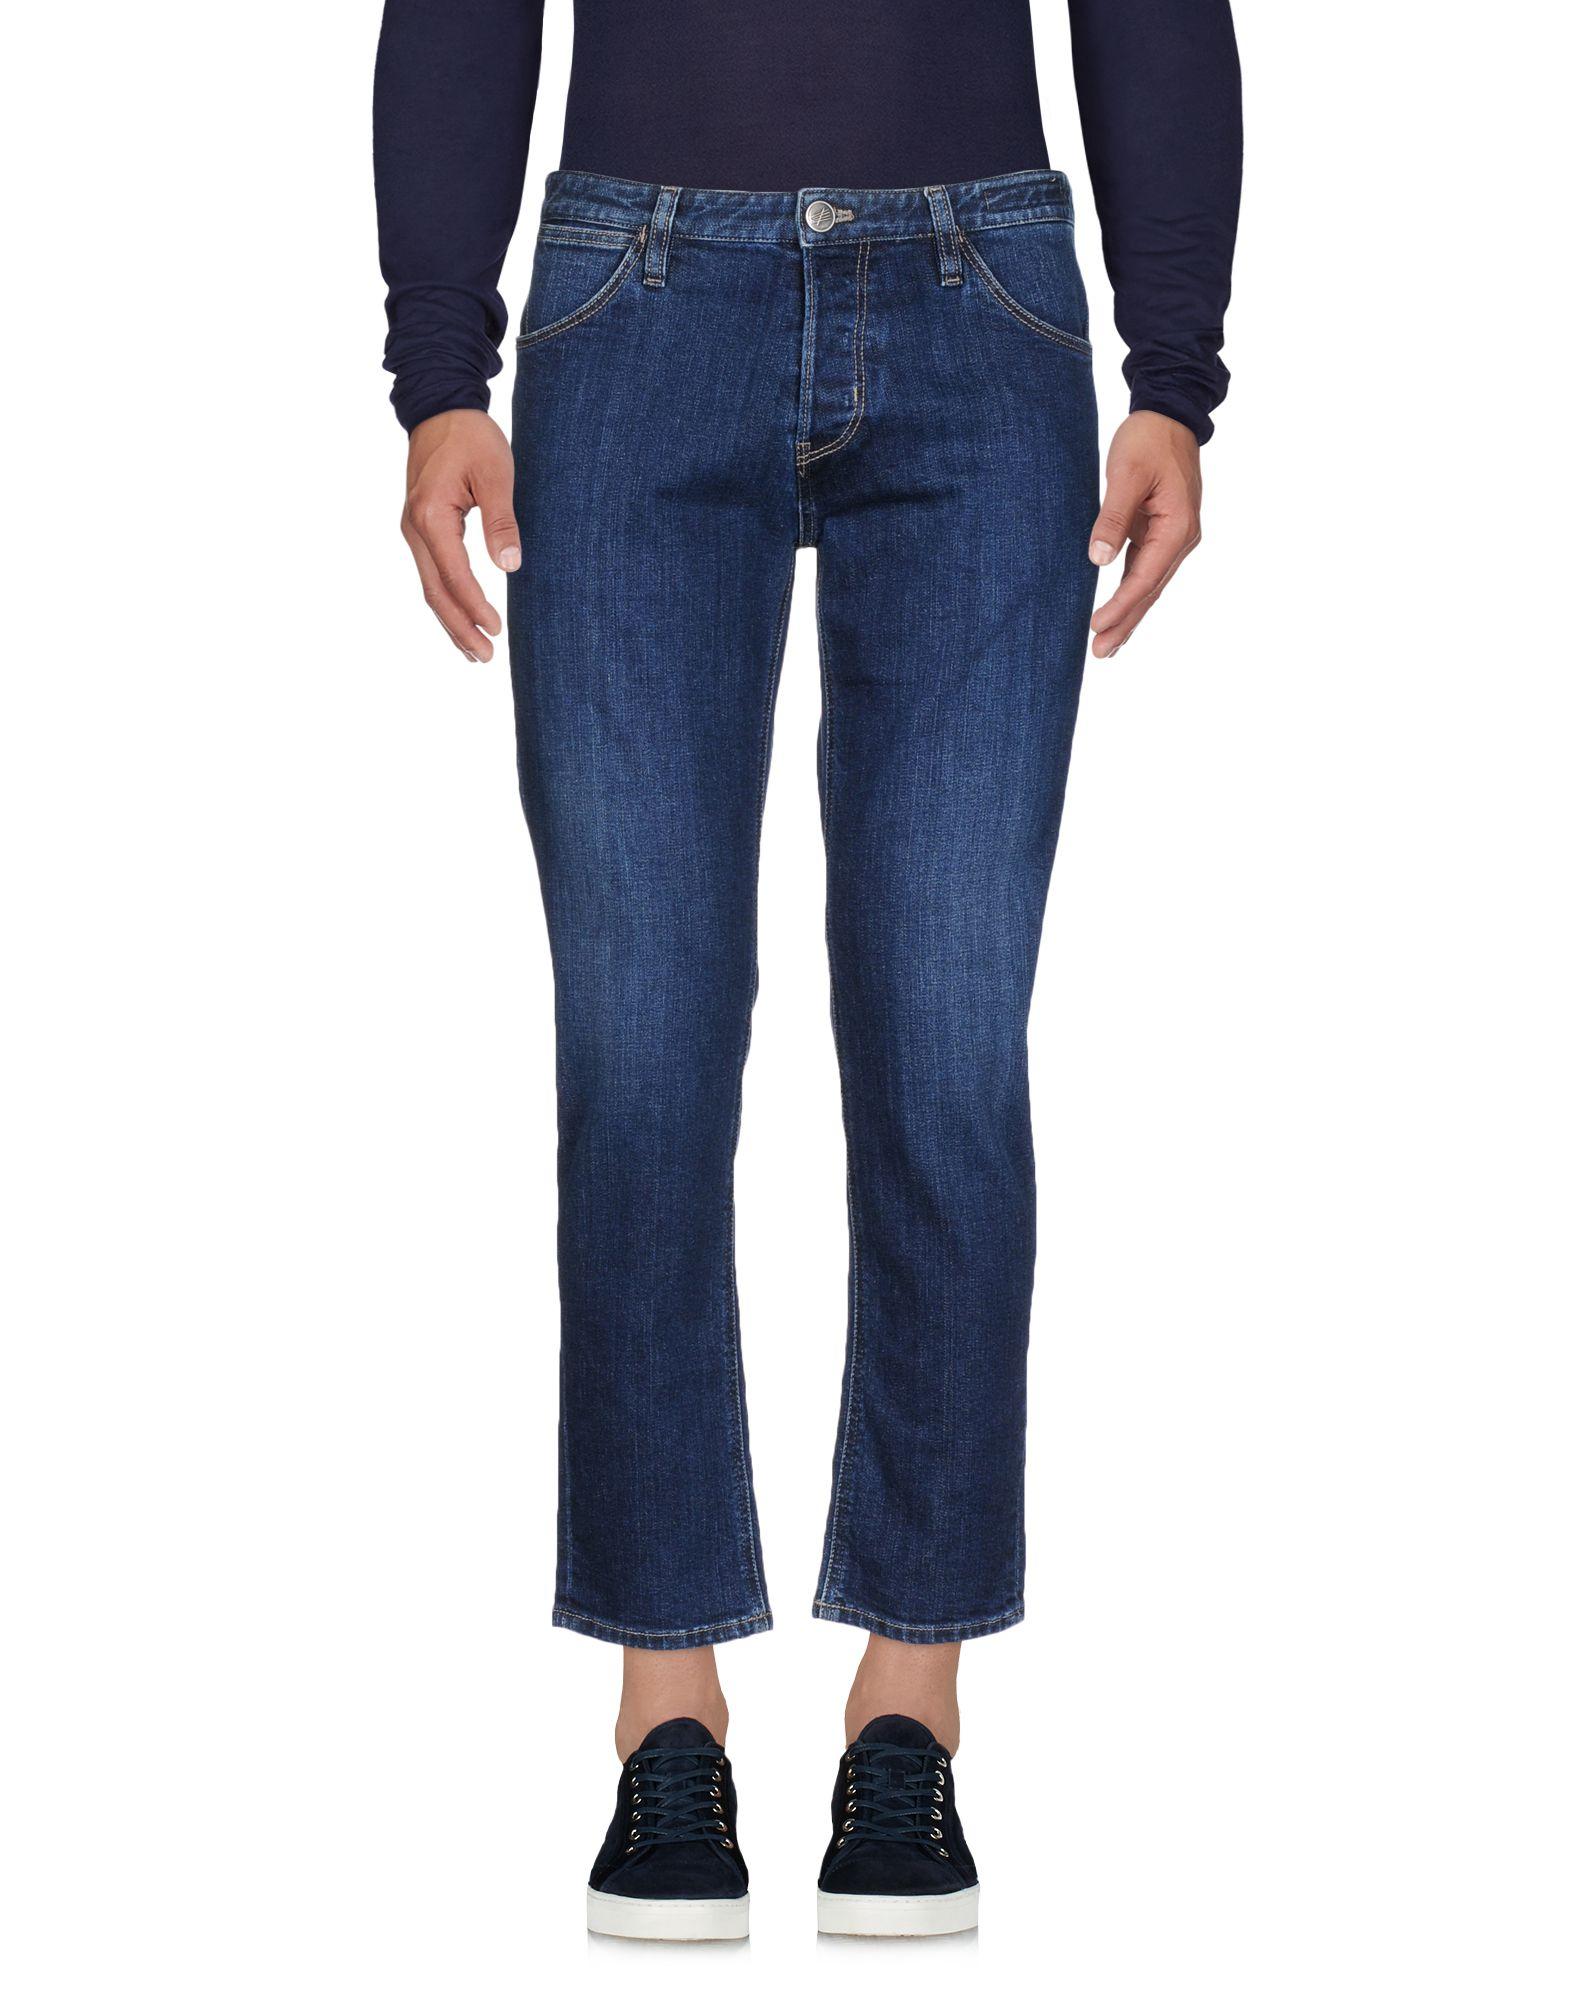 Pantaloni 42669869LX Jeans Pt05 Uomo - 42669869LX Pantaloni 2156eb